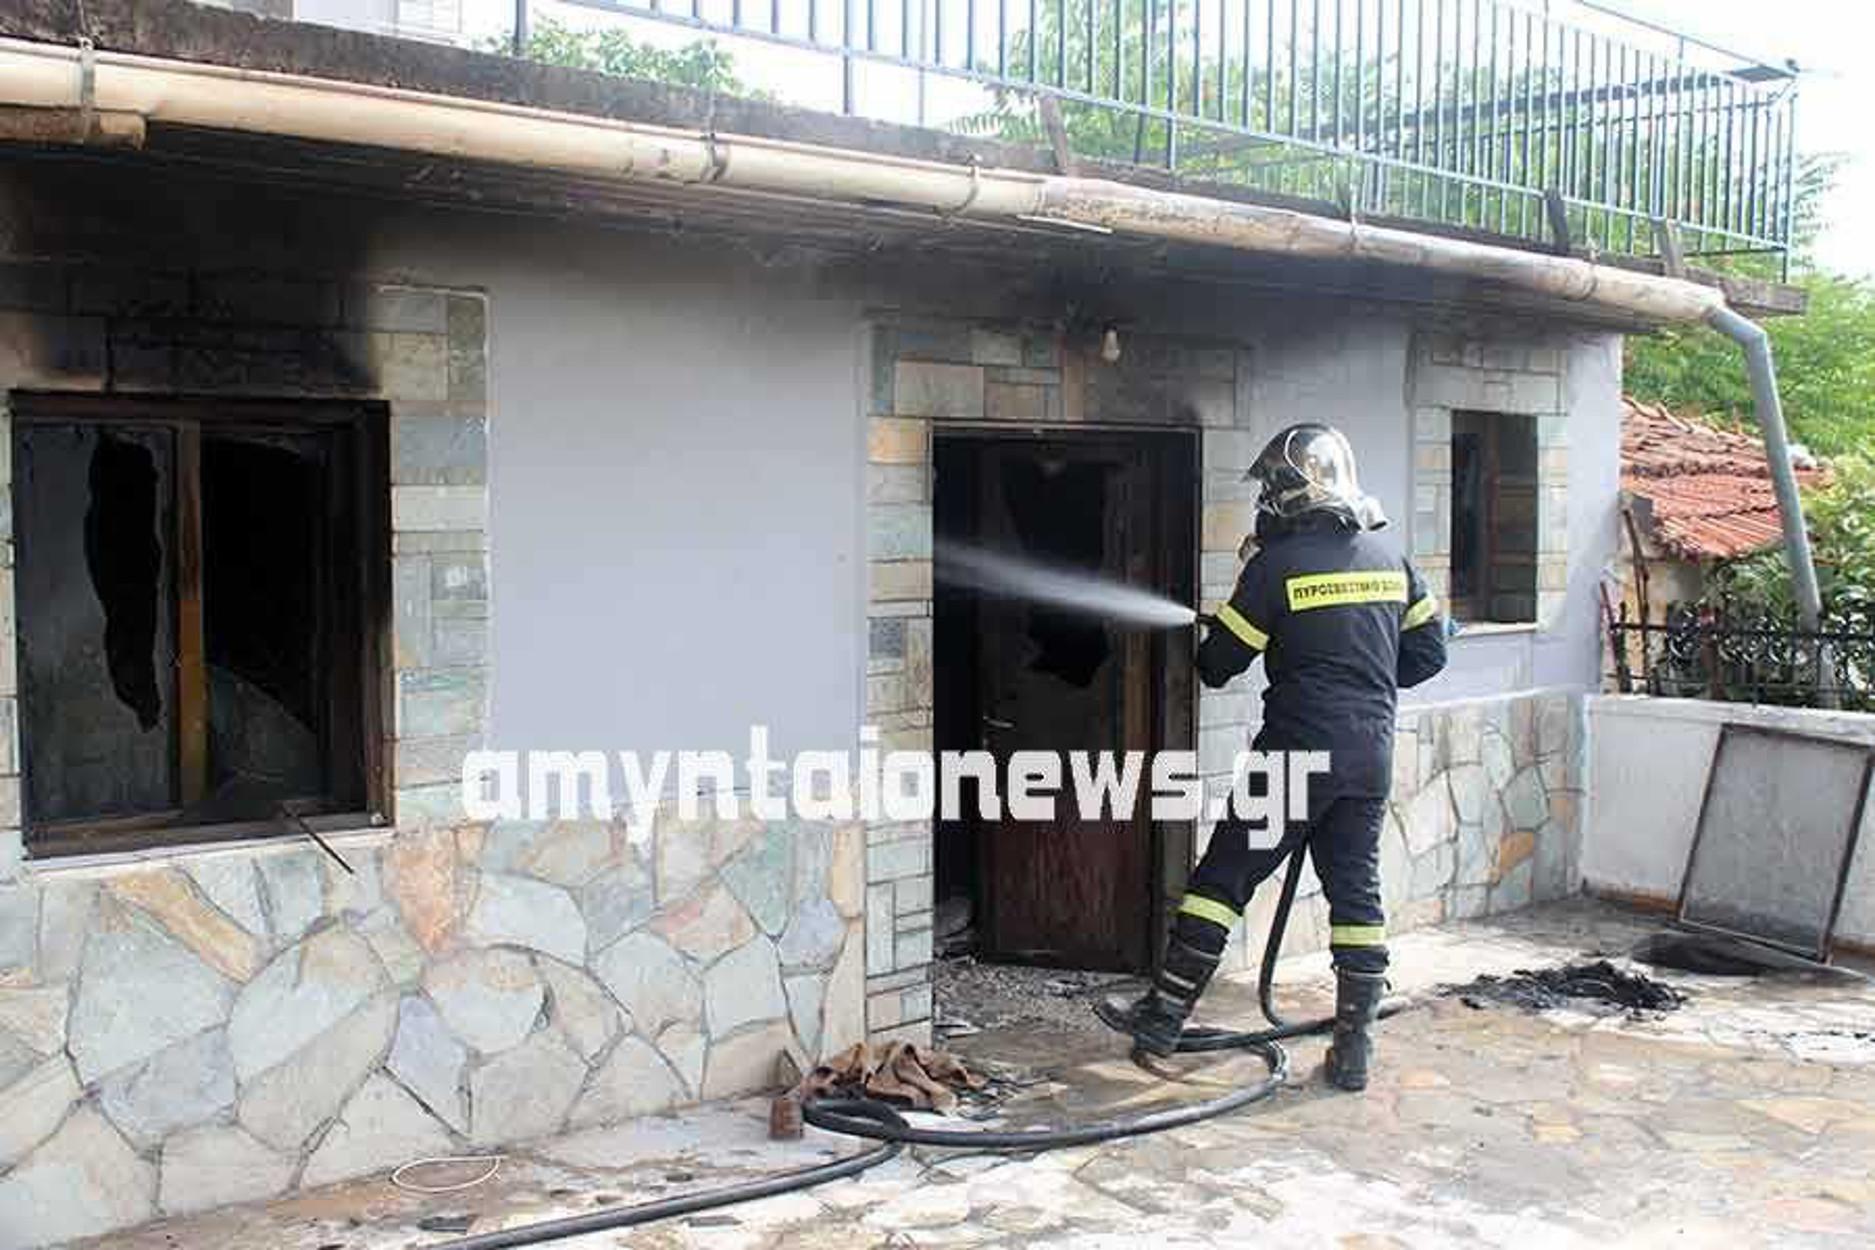 Φλώρινα: Ηλικιωμένη κάηκε ζωντανή μέσα στο σπίτι της